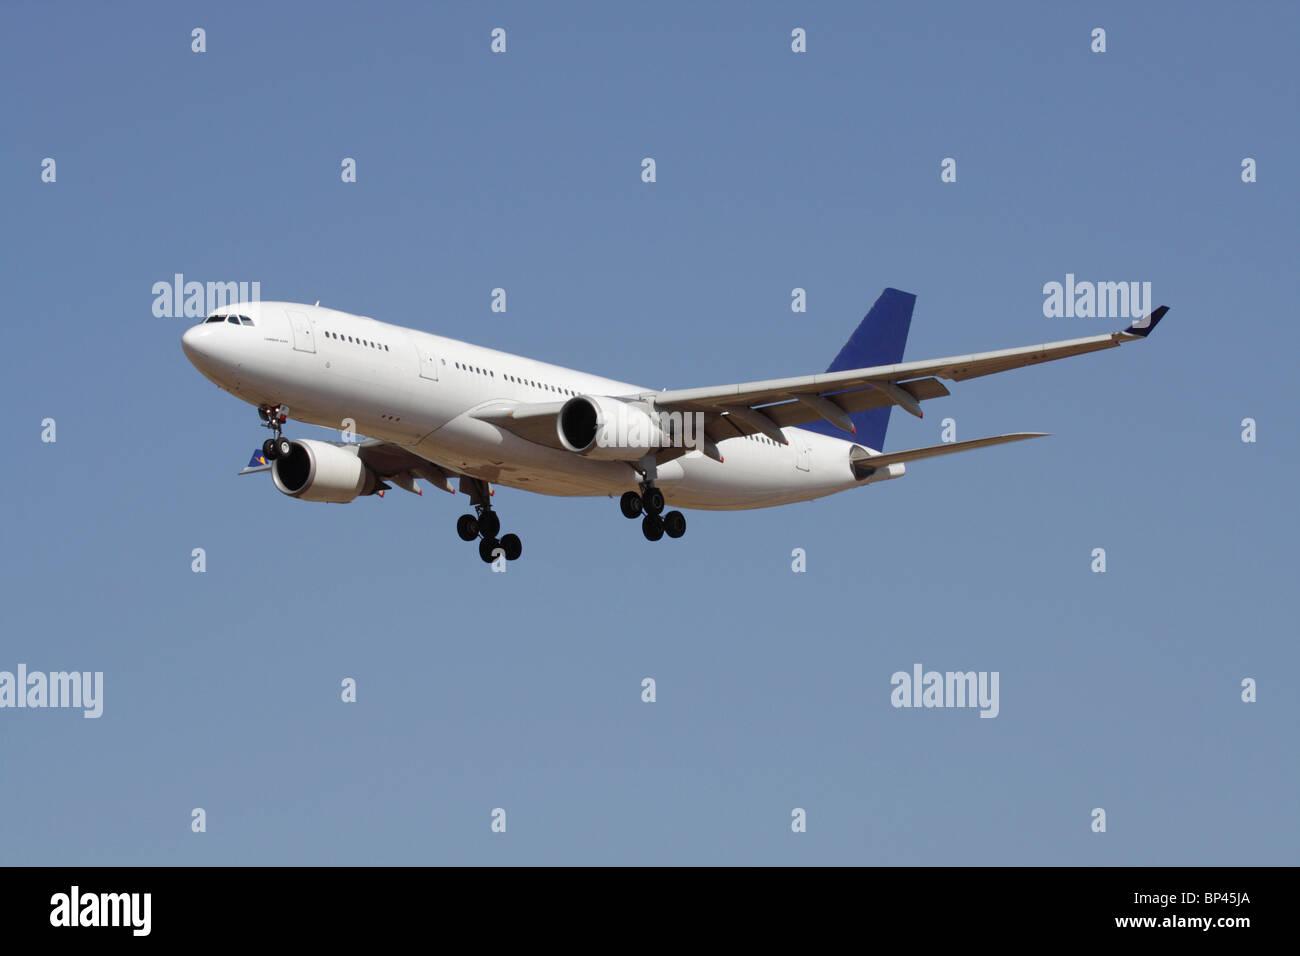 Commerciale viaggi dell'aria. Airbus A330 di lungo raggio widebody jet del passeggero aereo in volo contro un Immagini Stock